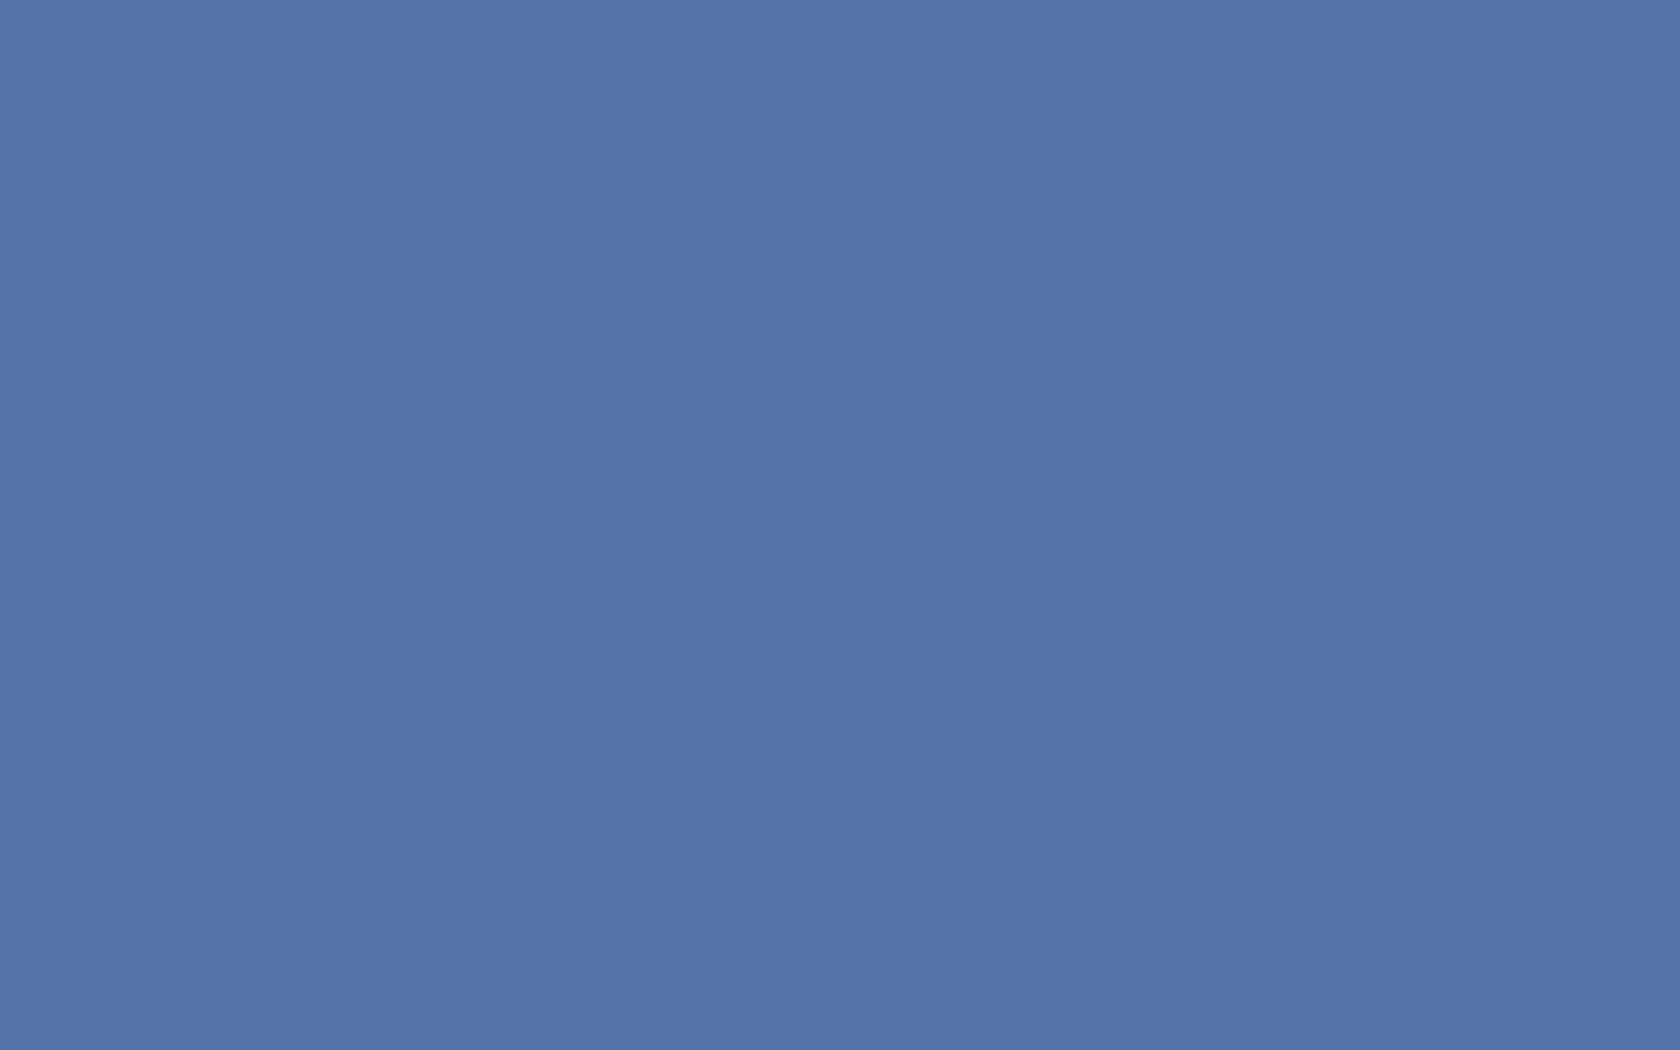 1680x1050 Blue Yonder Solid Color Background